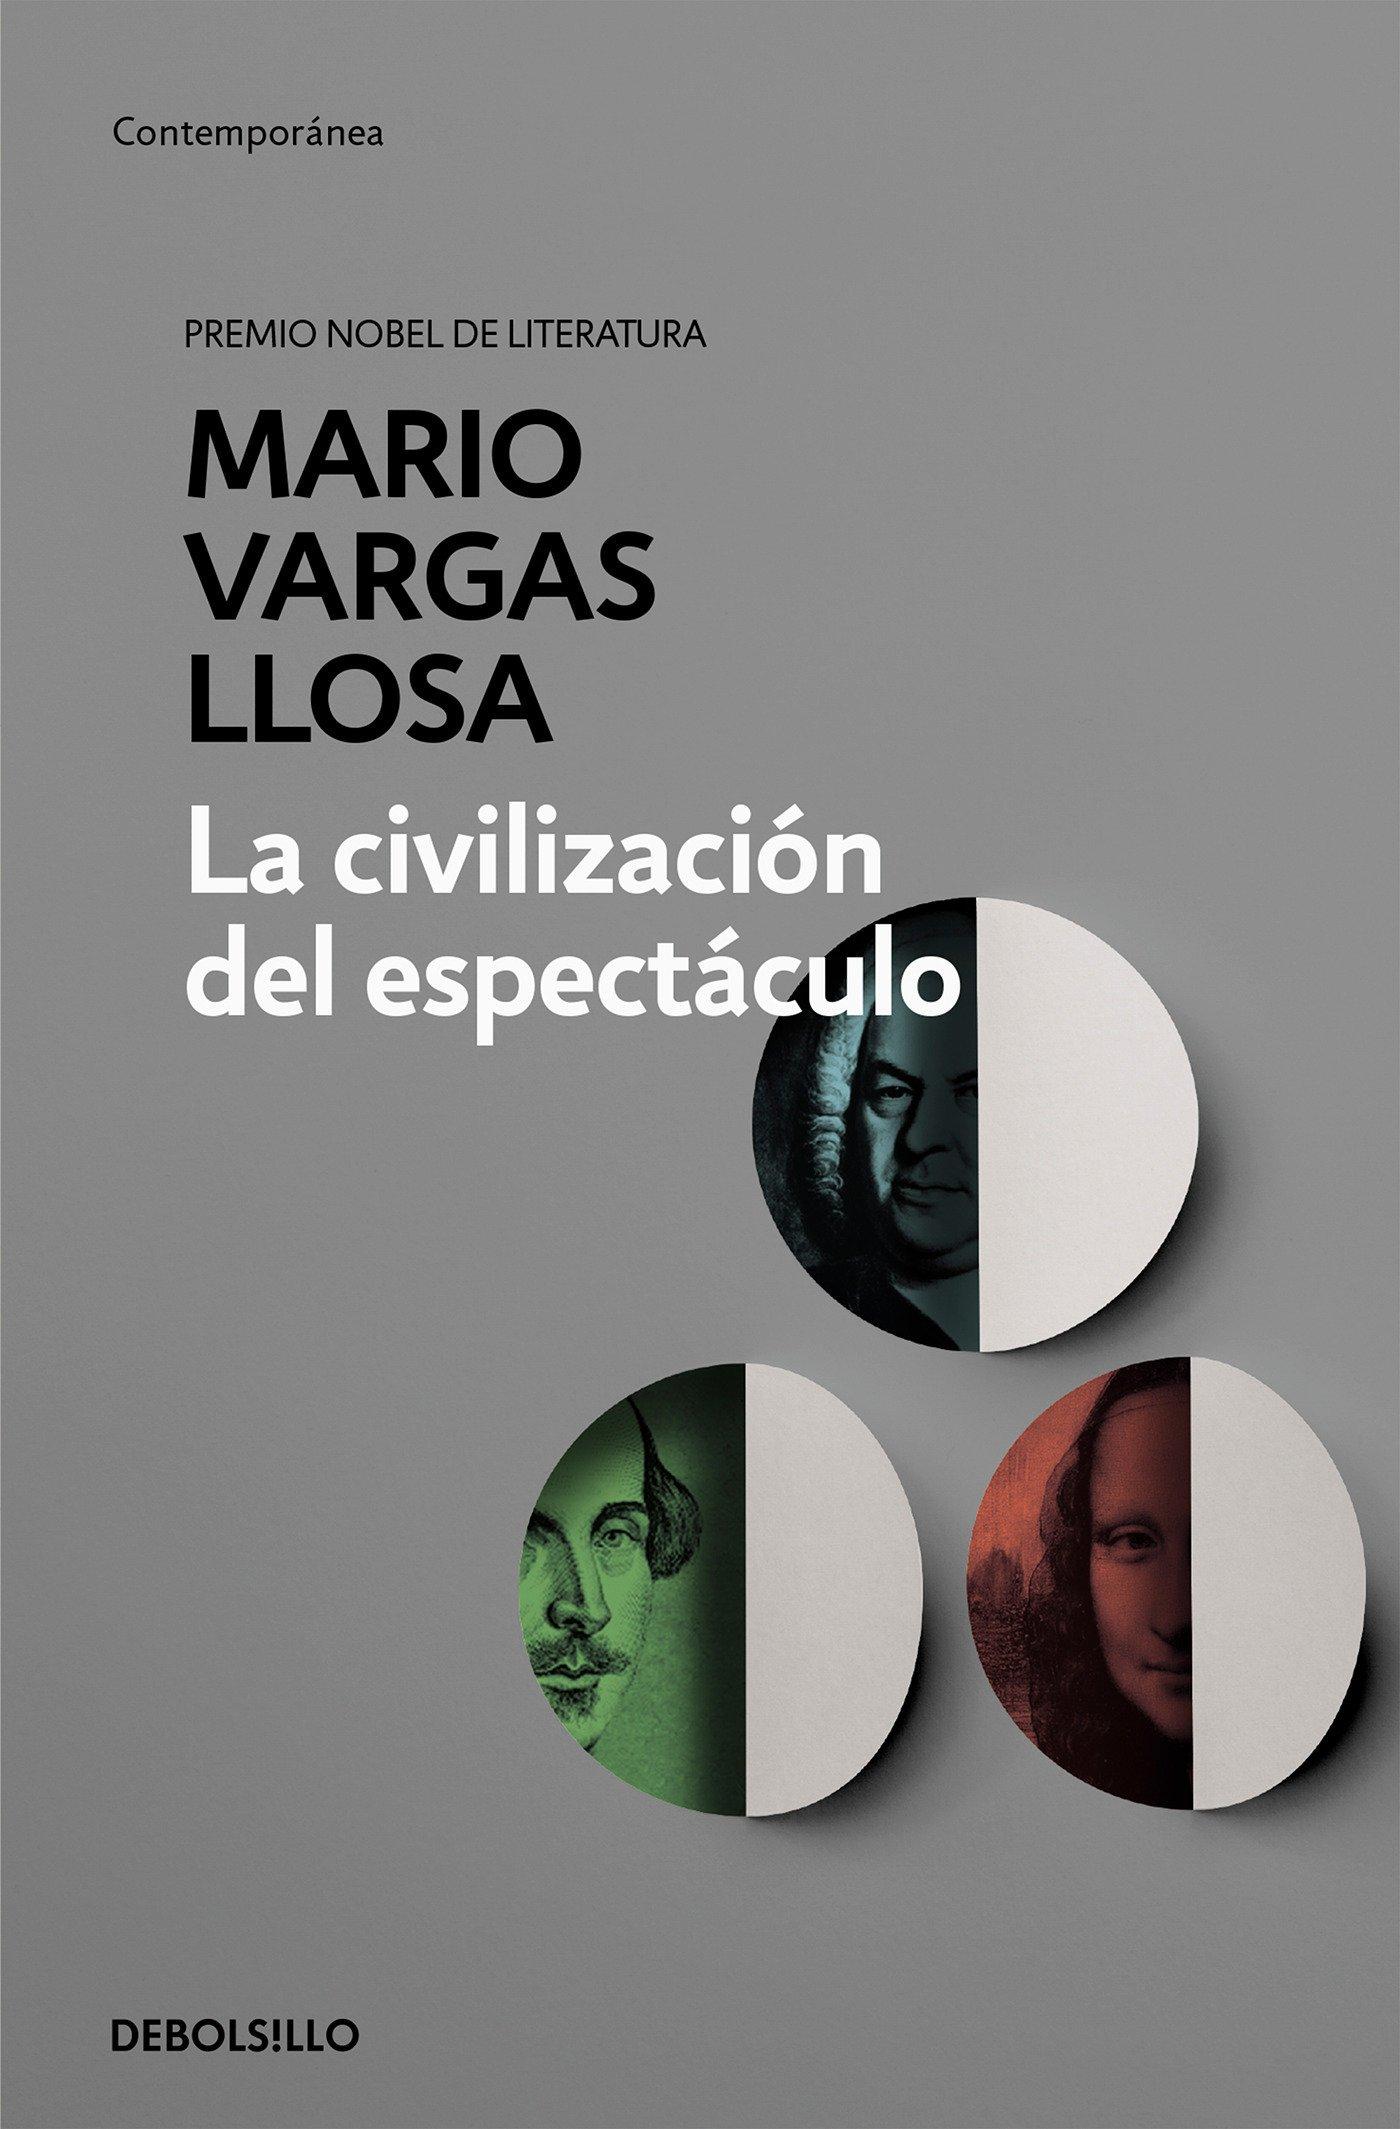 La civilización del espectáculo / The Spectacle Civilization (CONTEMPORANEA, Band 26201)